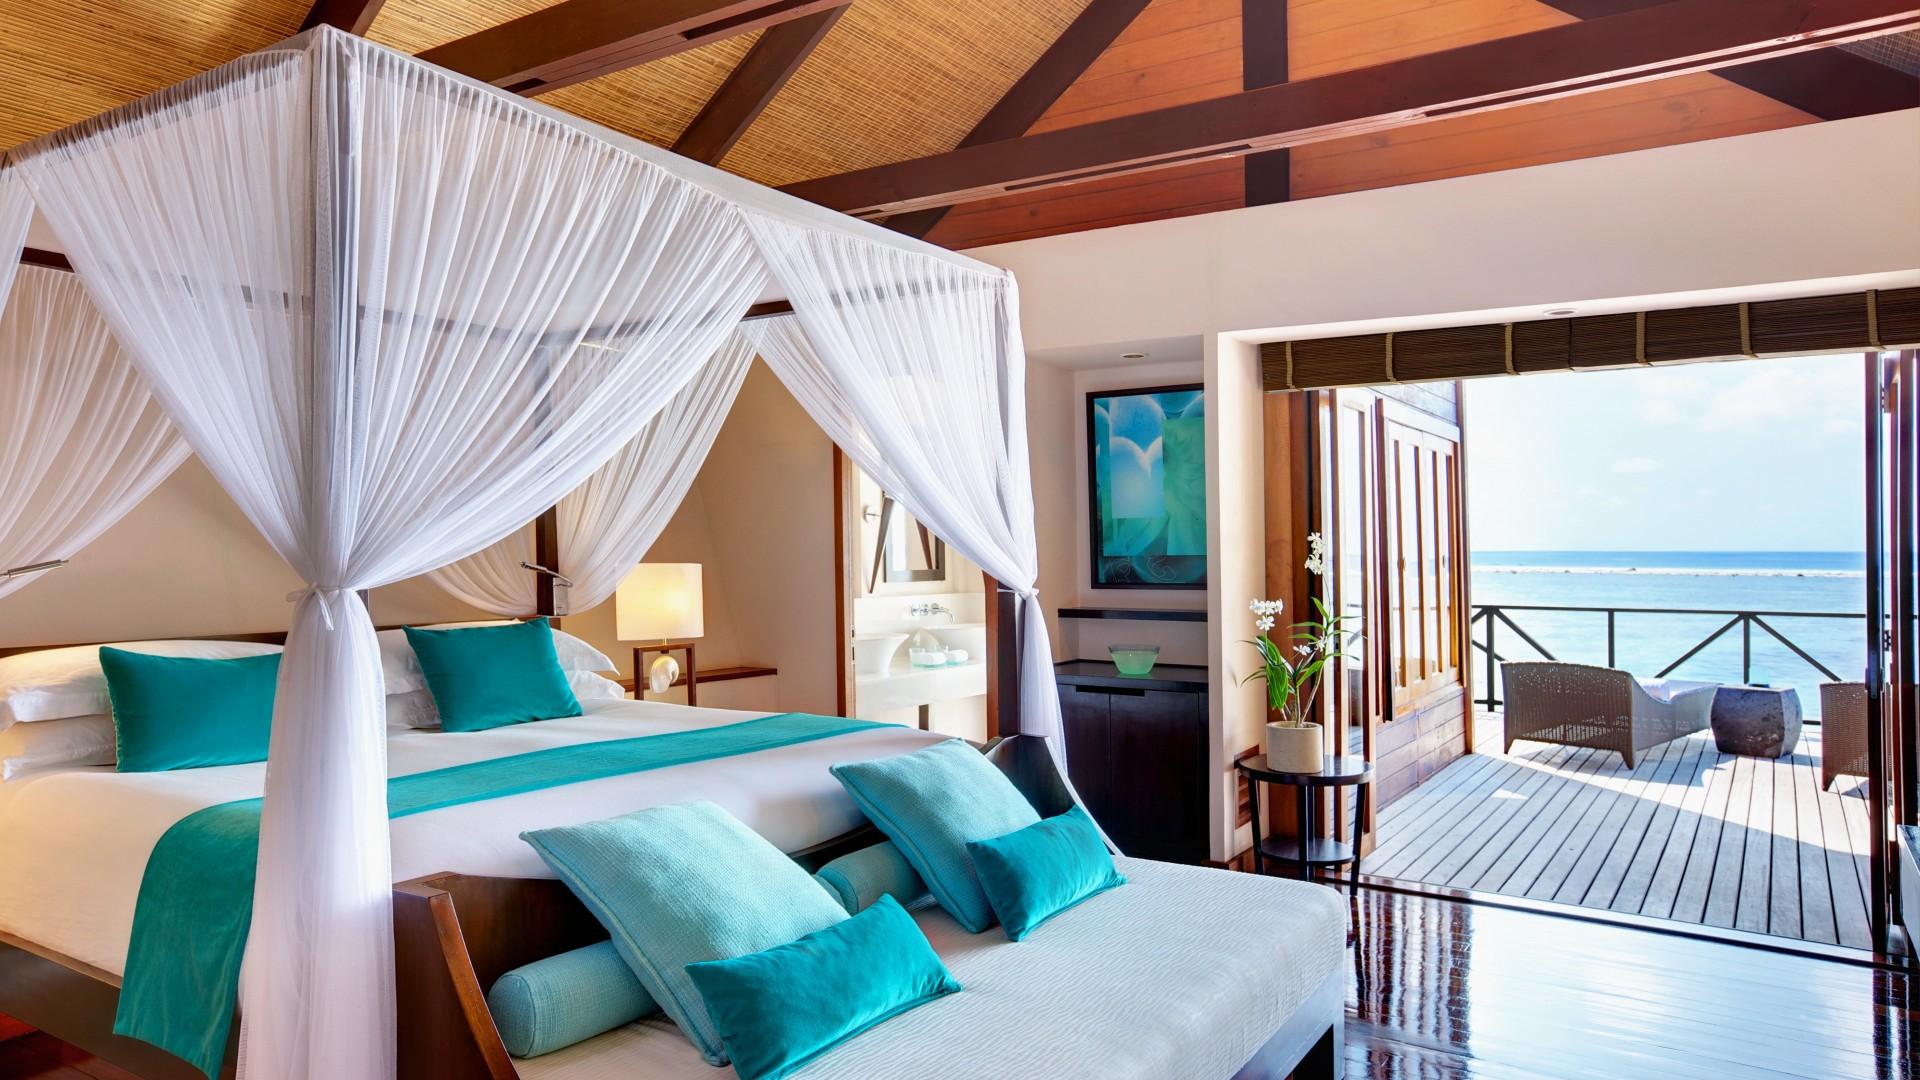 Мальдивы номера отеля отдых The Maldives the rooms the rest  № 334027  скачать